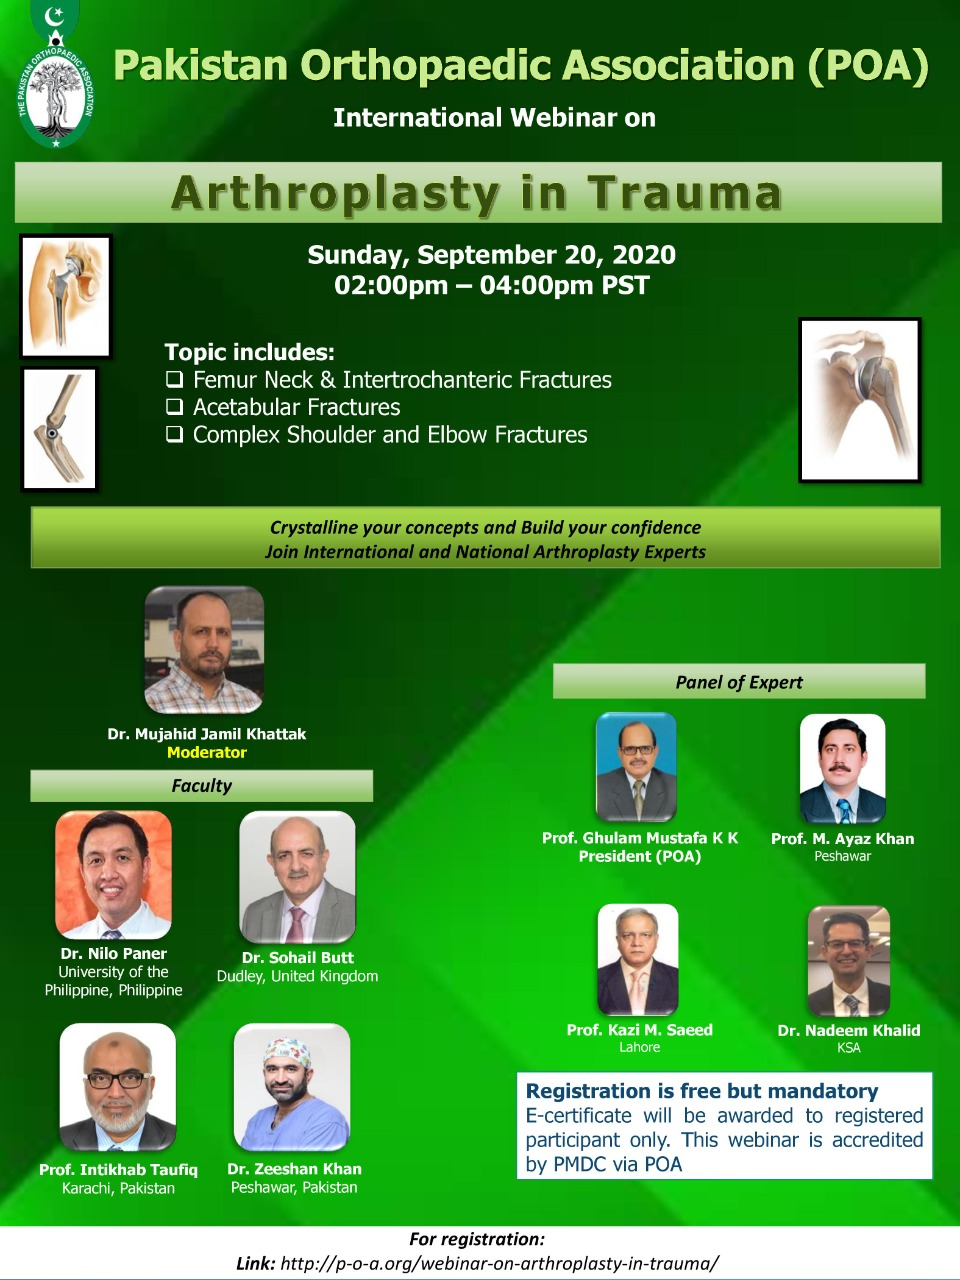 Webinar on Arthroplasty in Trauma